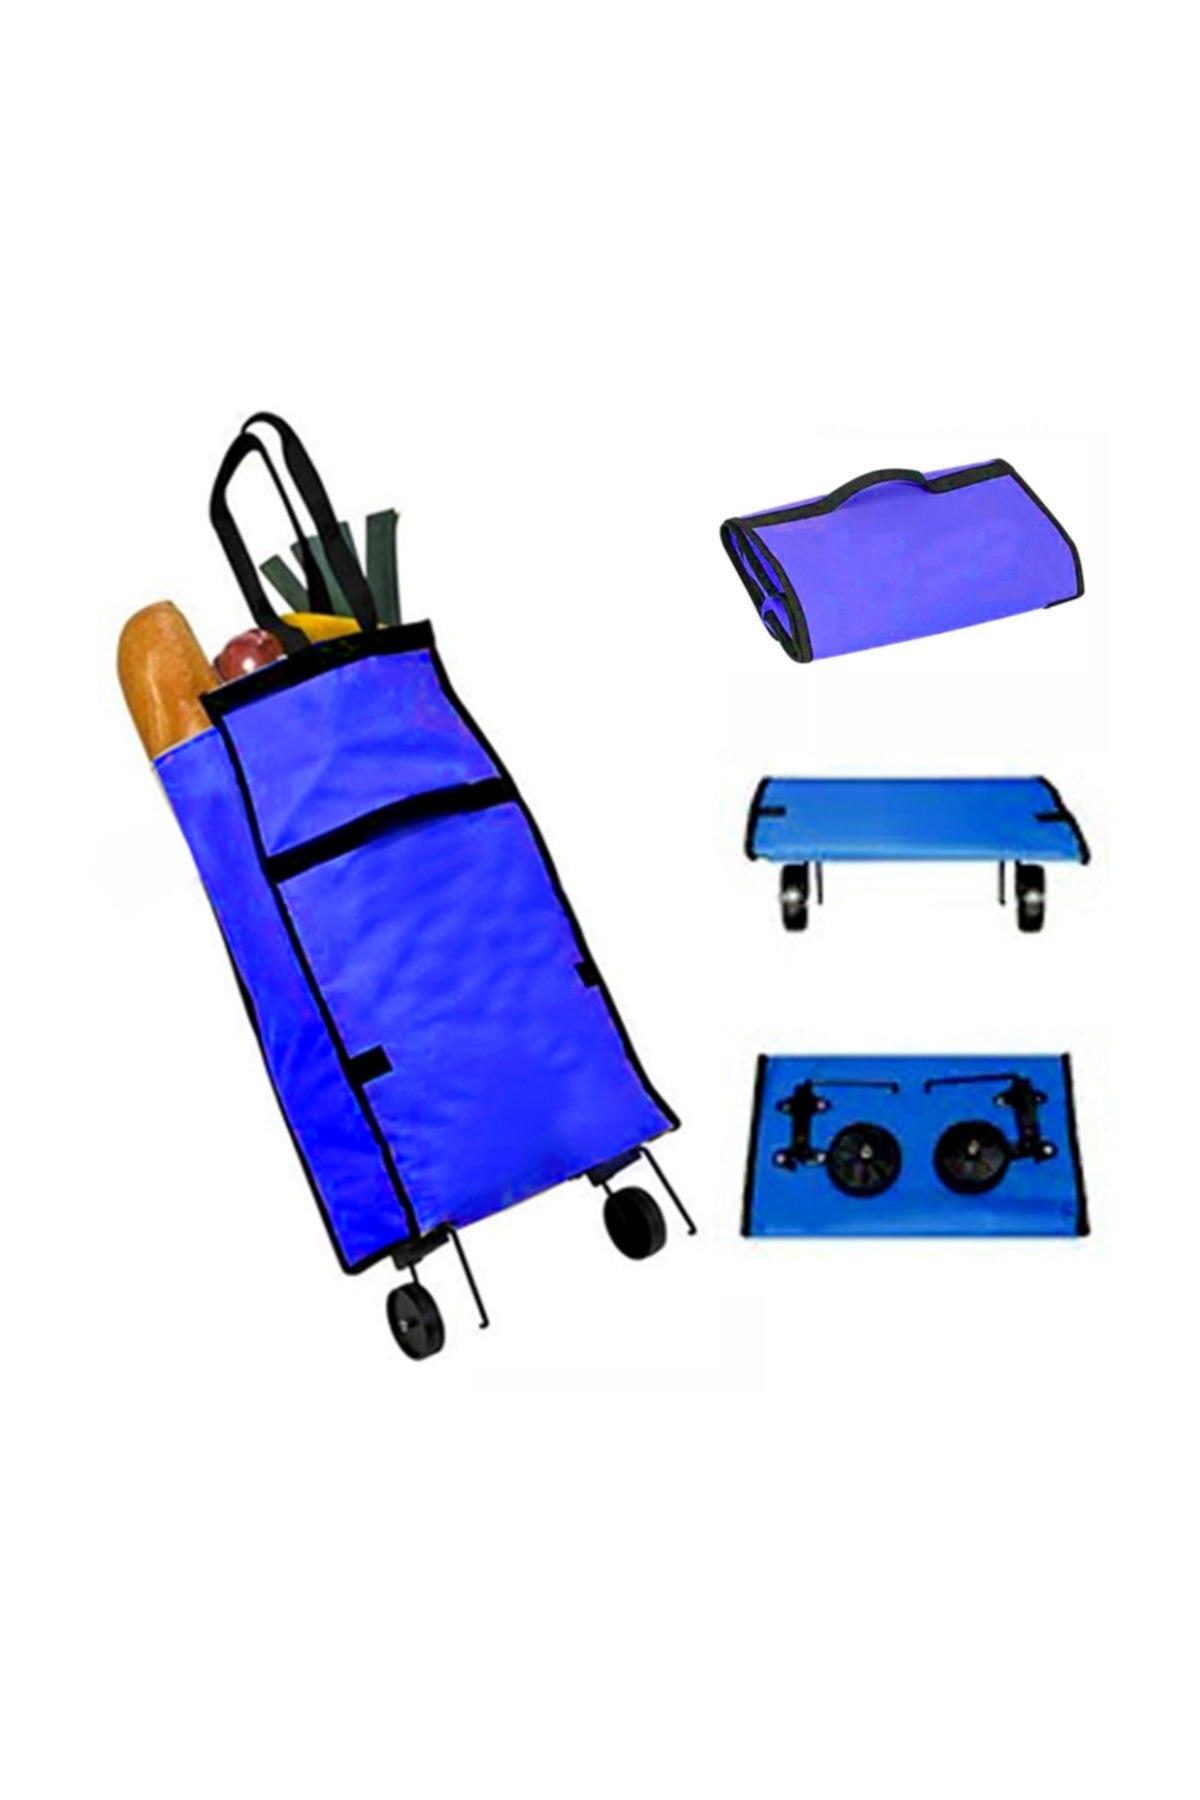 Trolley Bags Shopper Tasche сумка шопер Faltbare Rädern Markt Praktische Folding Korb Einkaufstasche